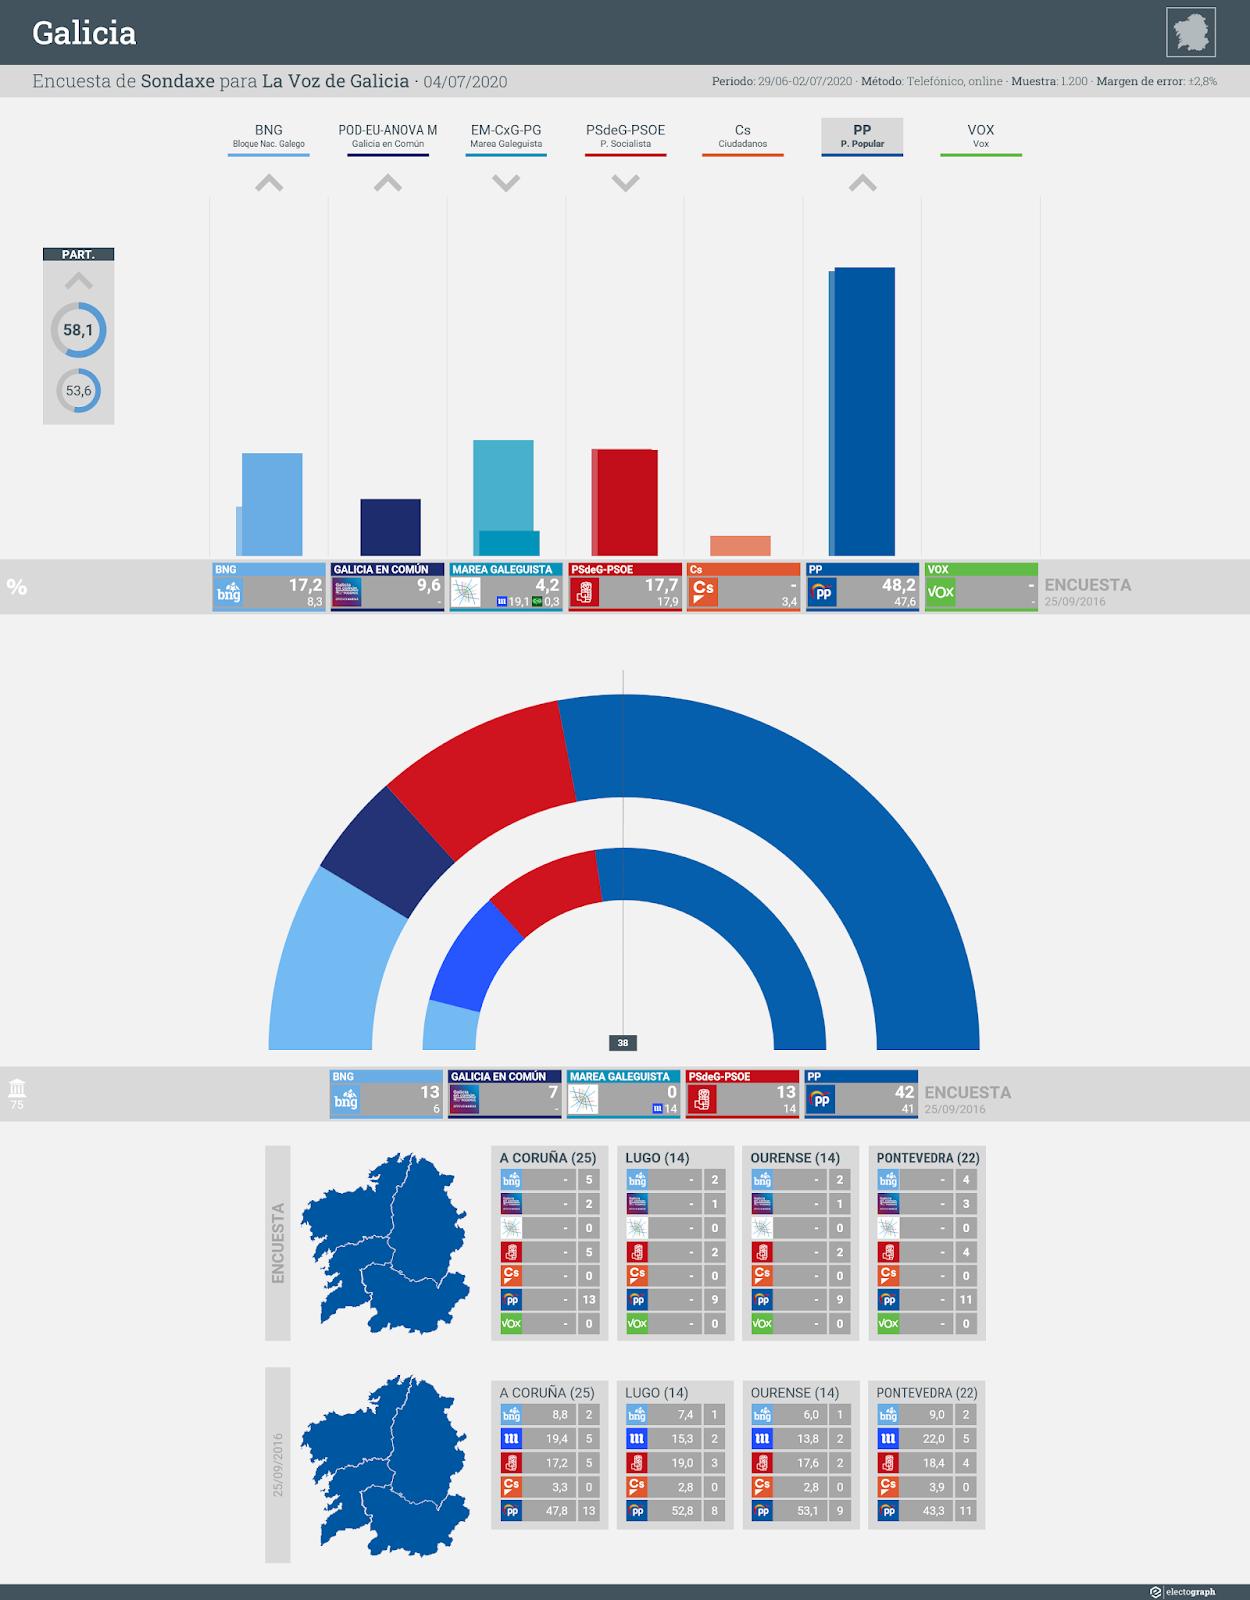 Gráfico de la encuesta para elecciones autonómicas en Galicia realizada por Sondaxe para La Voz de Galicia, 4 de julio de 2020